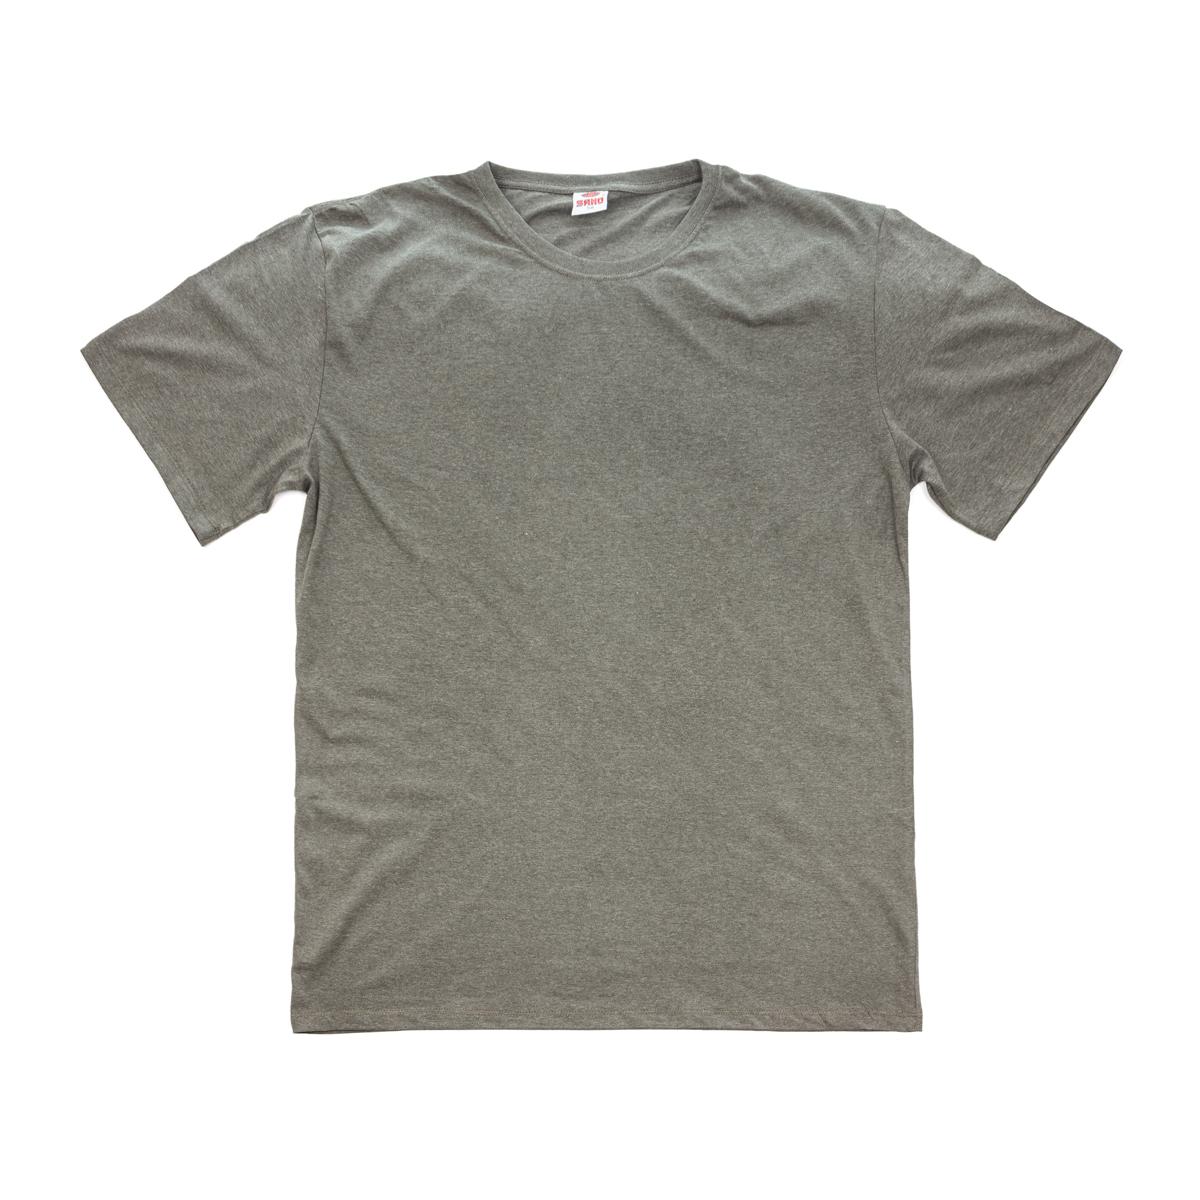 Муж. футболка арт. 04-0043 Хаки р. 66Майки и футболки<br>Фактический ОГ: 138 см <br>Фактический ОТ: 138 см <br>Фактический ОБ: 138 см <br>Длина по спинке: 90 см <br>Рост: 178-188 см<br><br>Тип: Муж. футболка<br>Размер: 66<br>Материал: Супрем